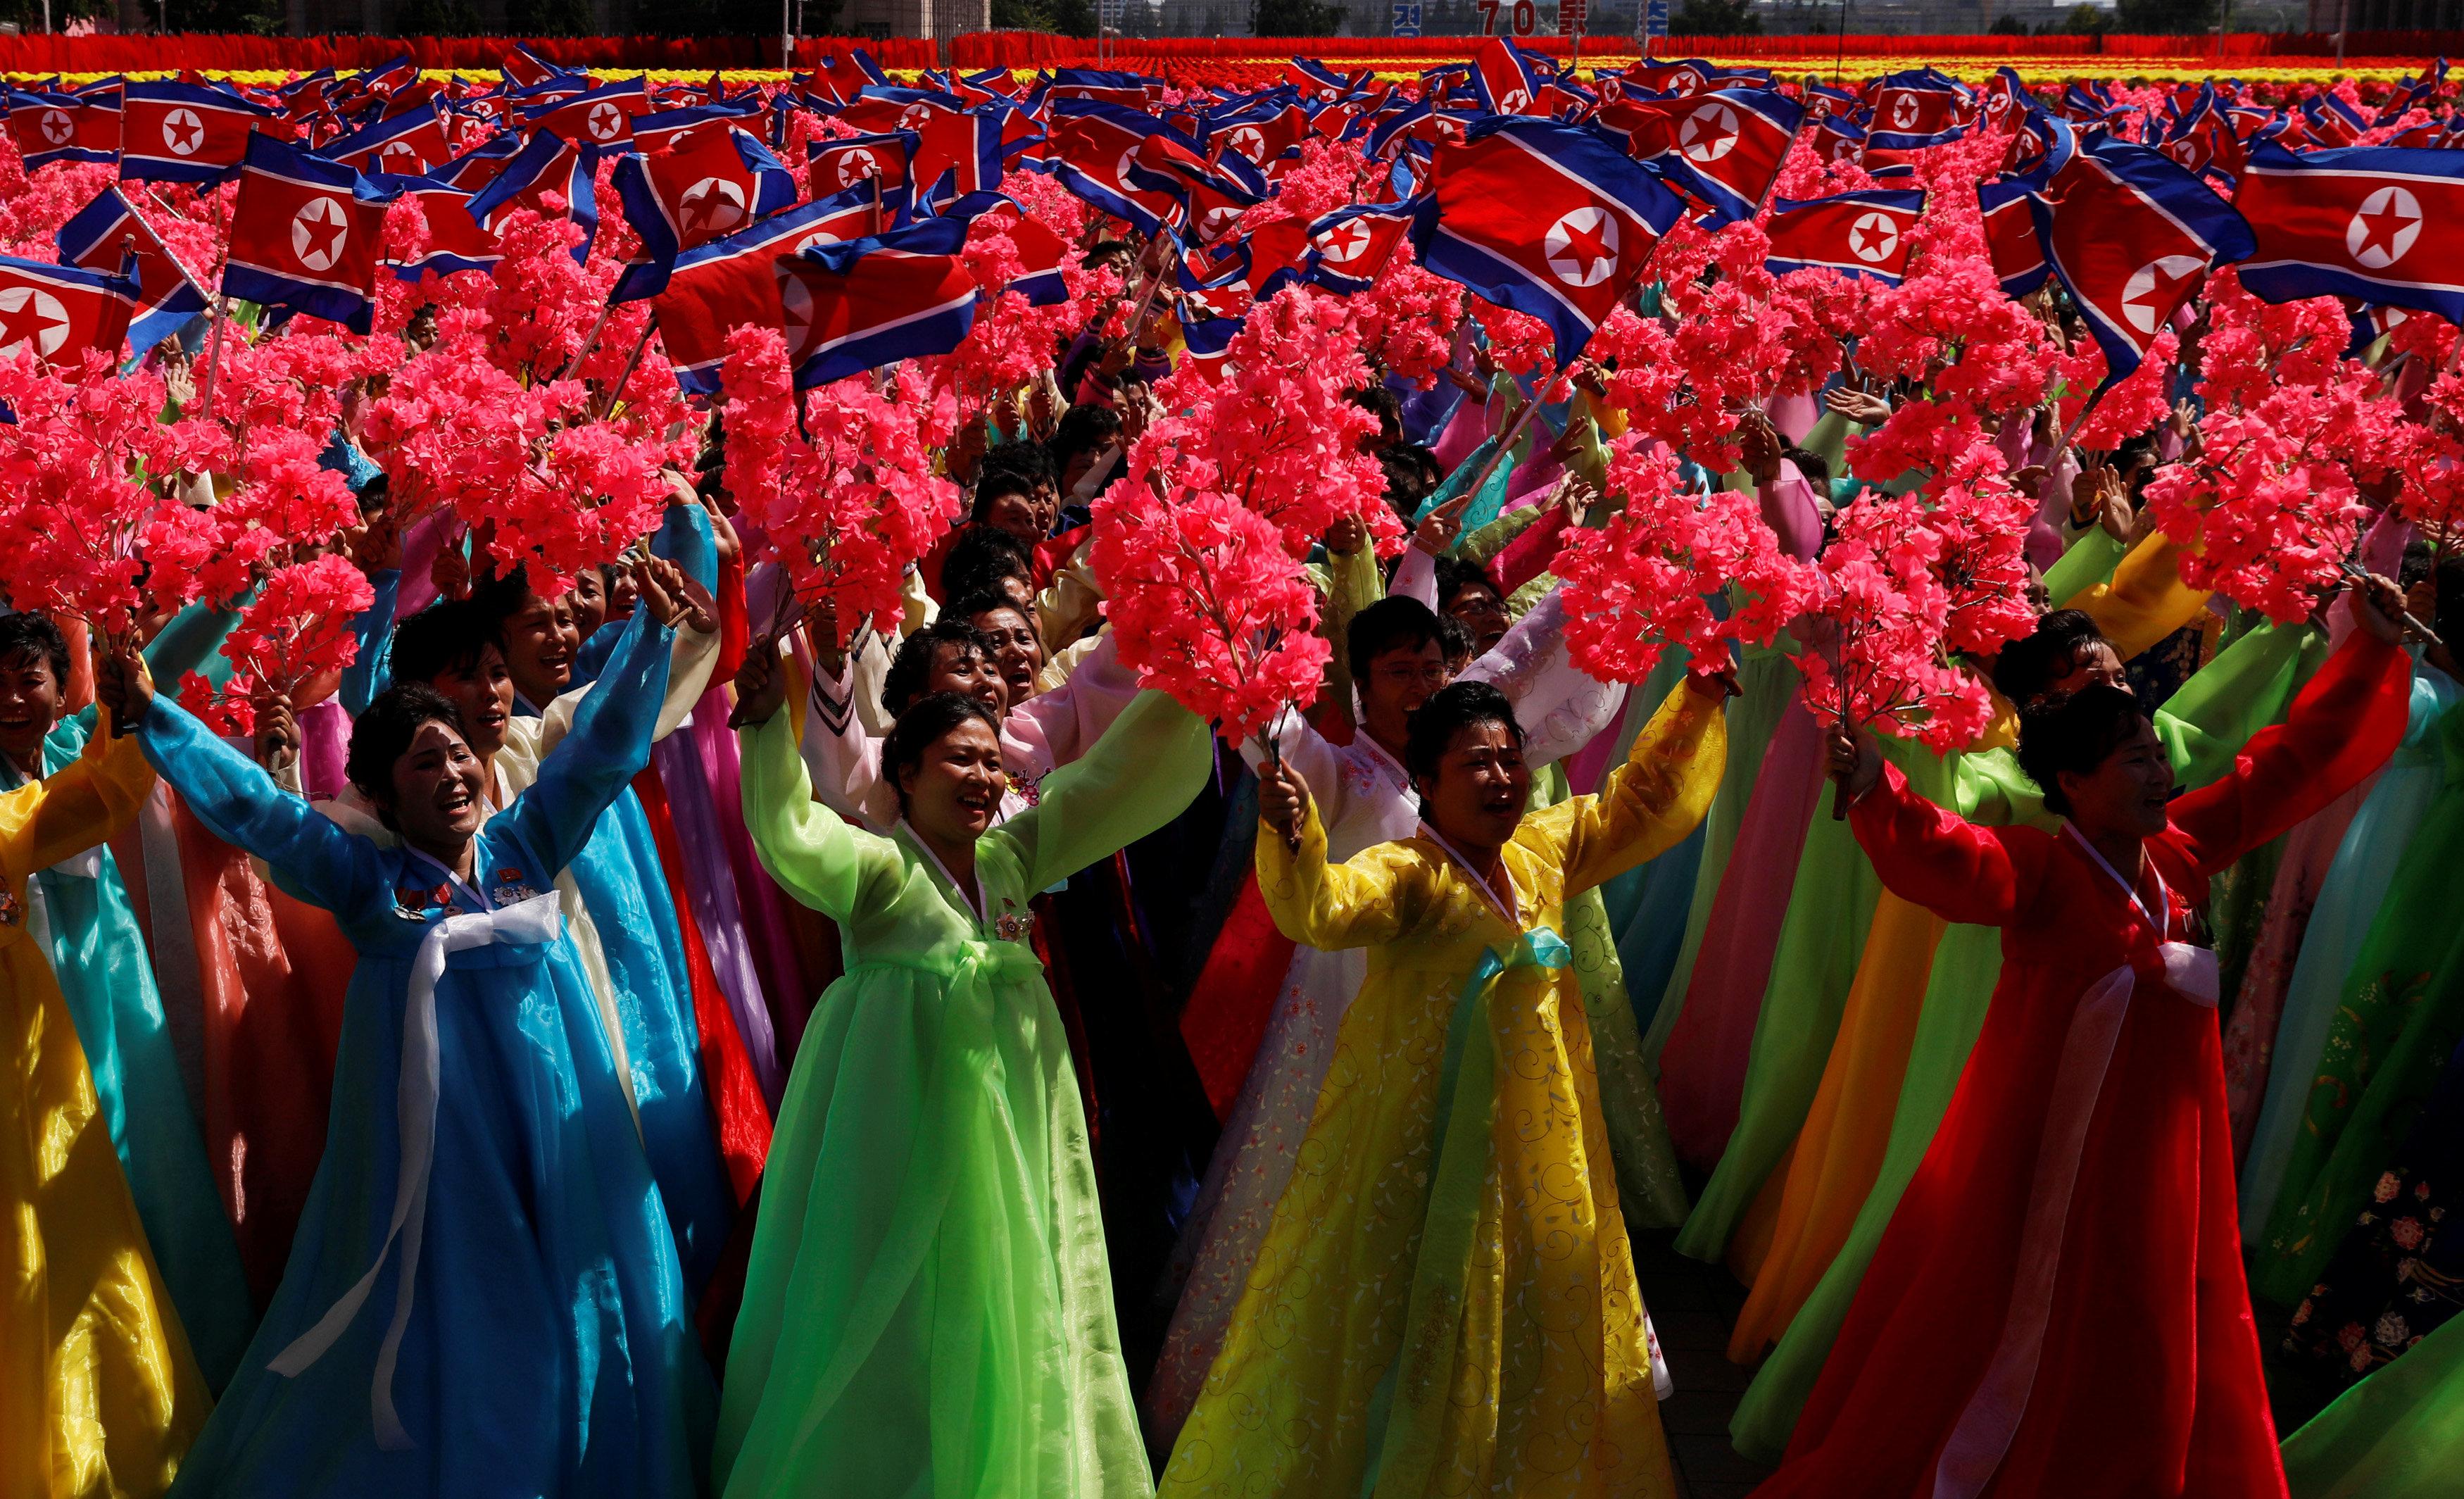 choris-vallistikoys-pyrayloys-i-parelasi-sti-v-korea-fotografies9